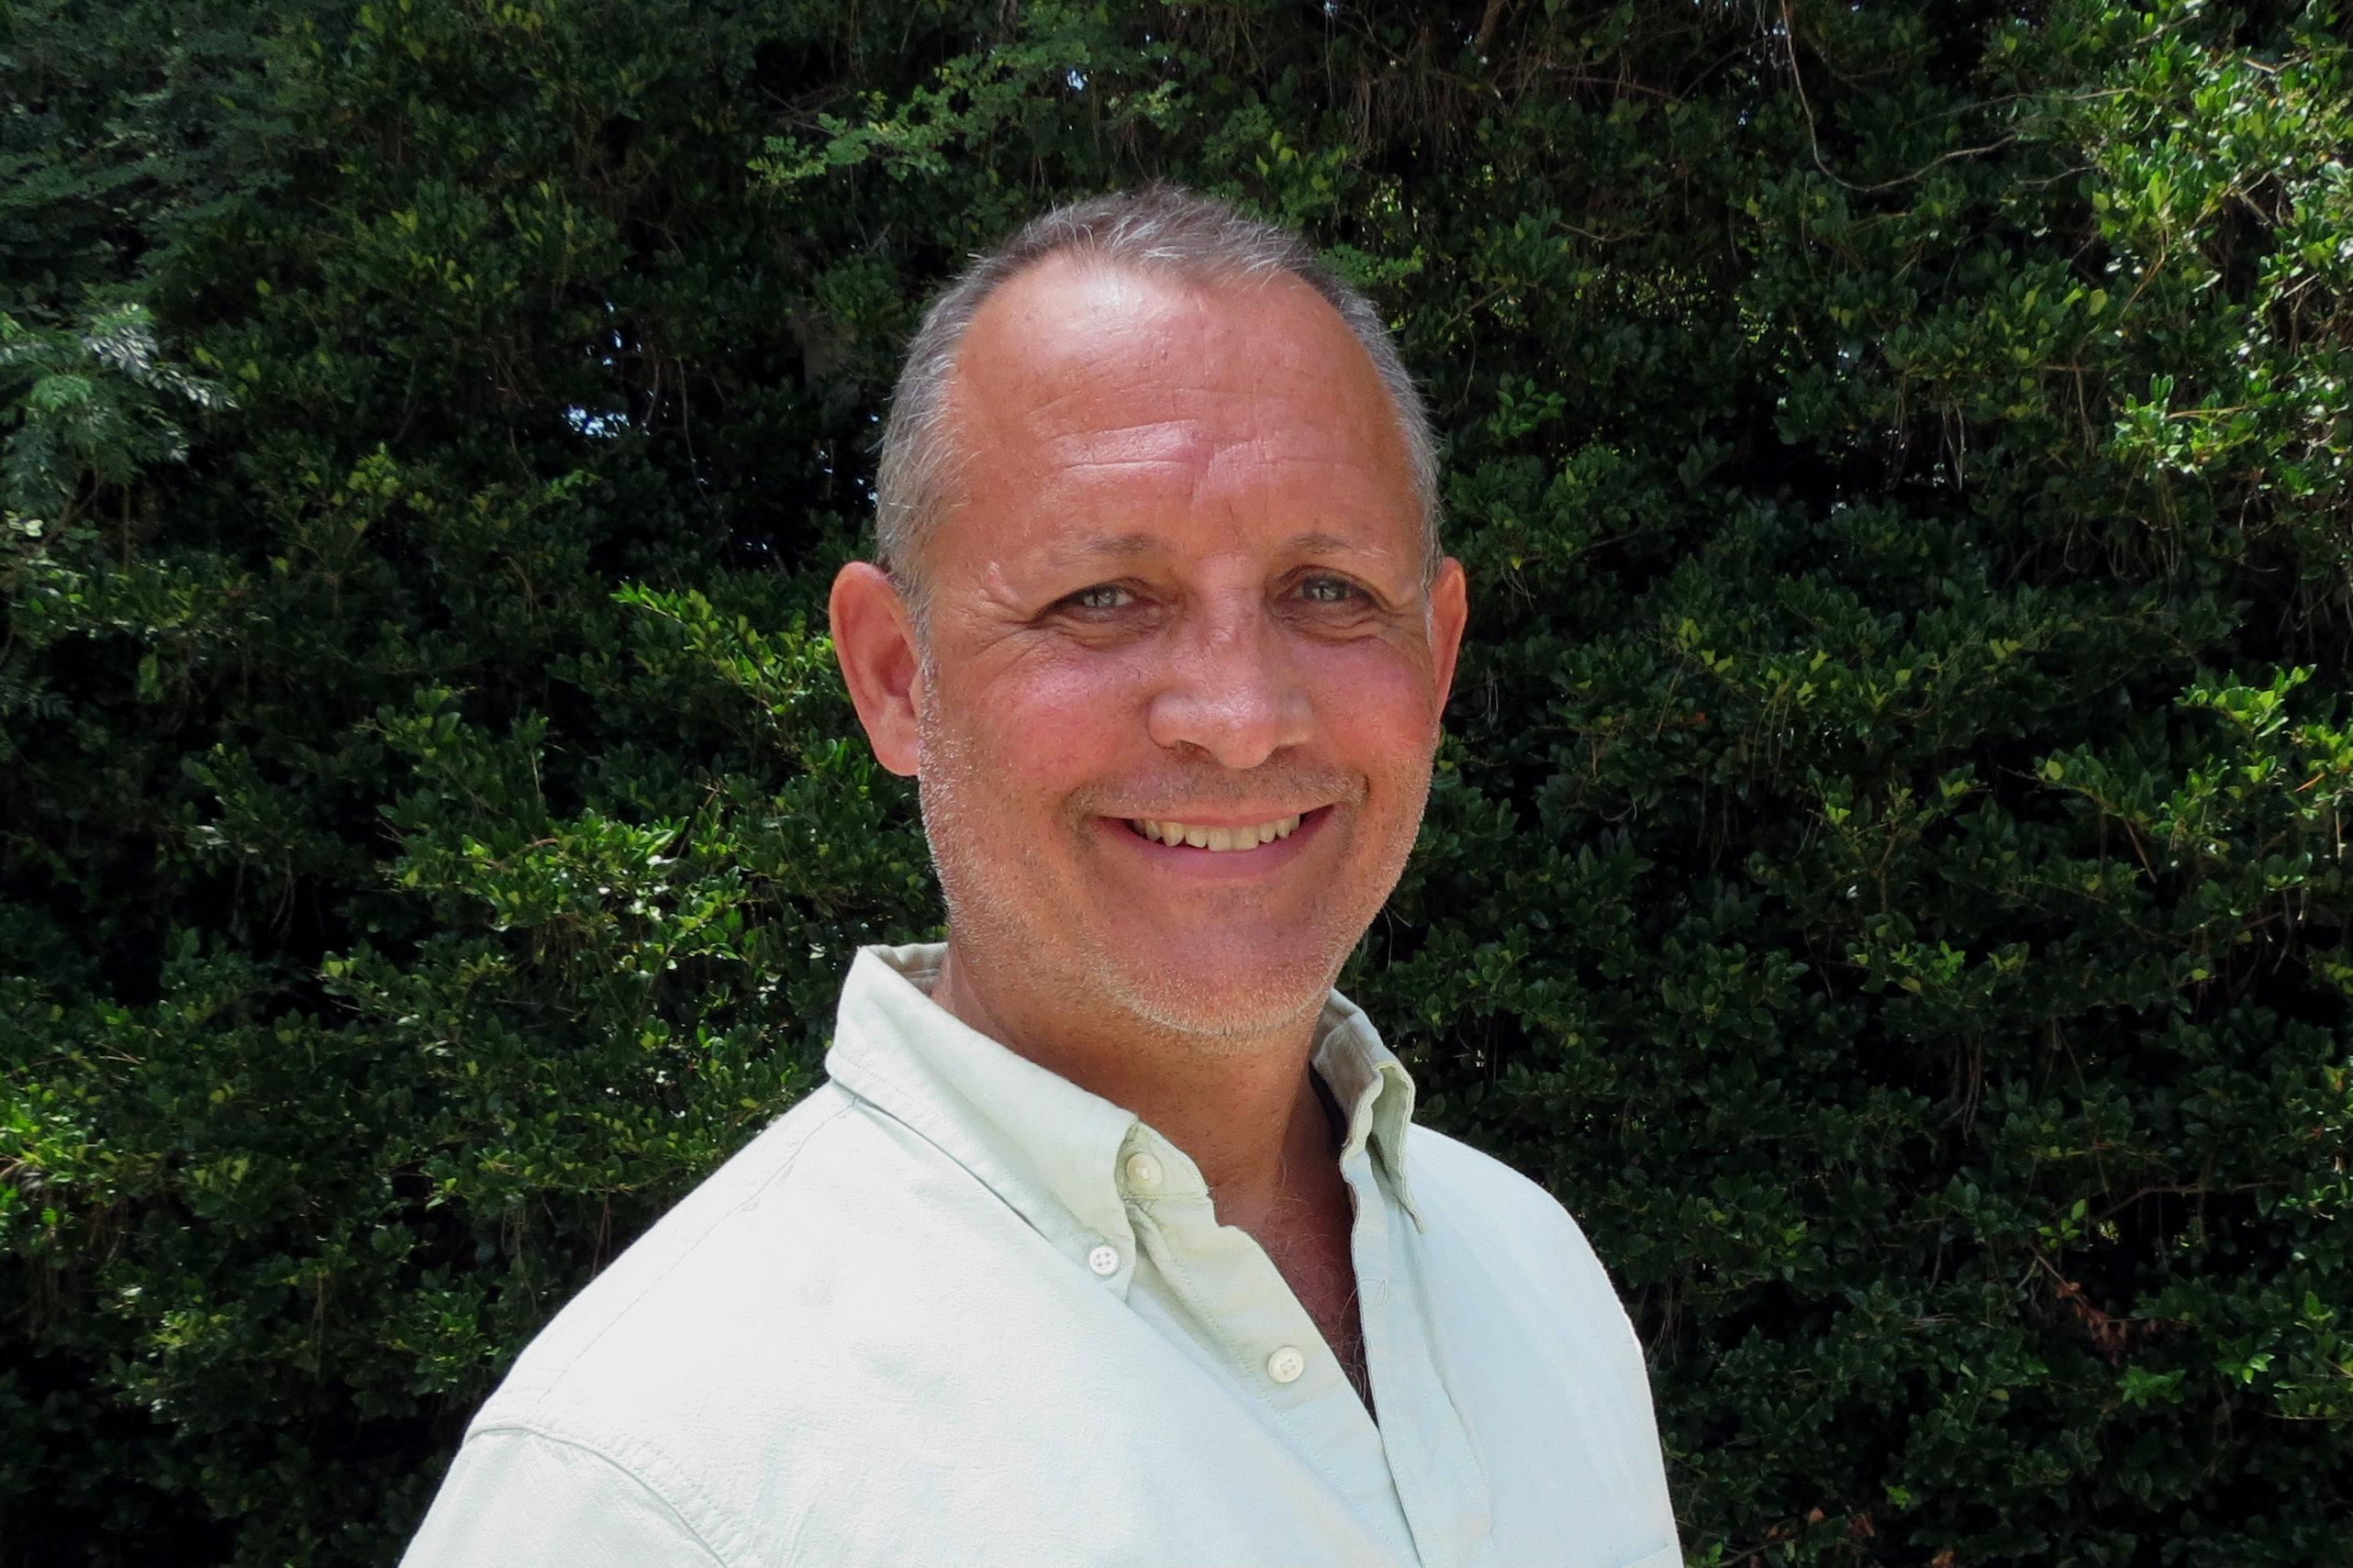 Mike Resler